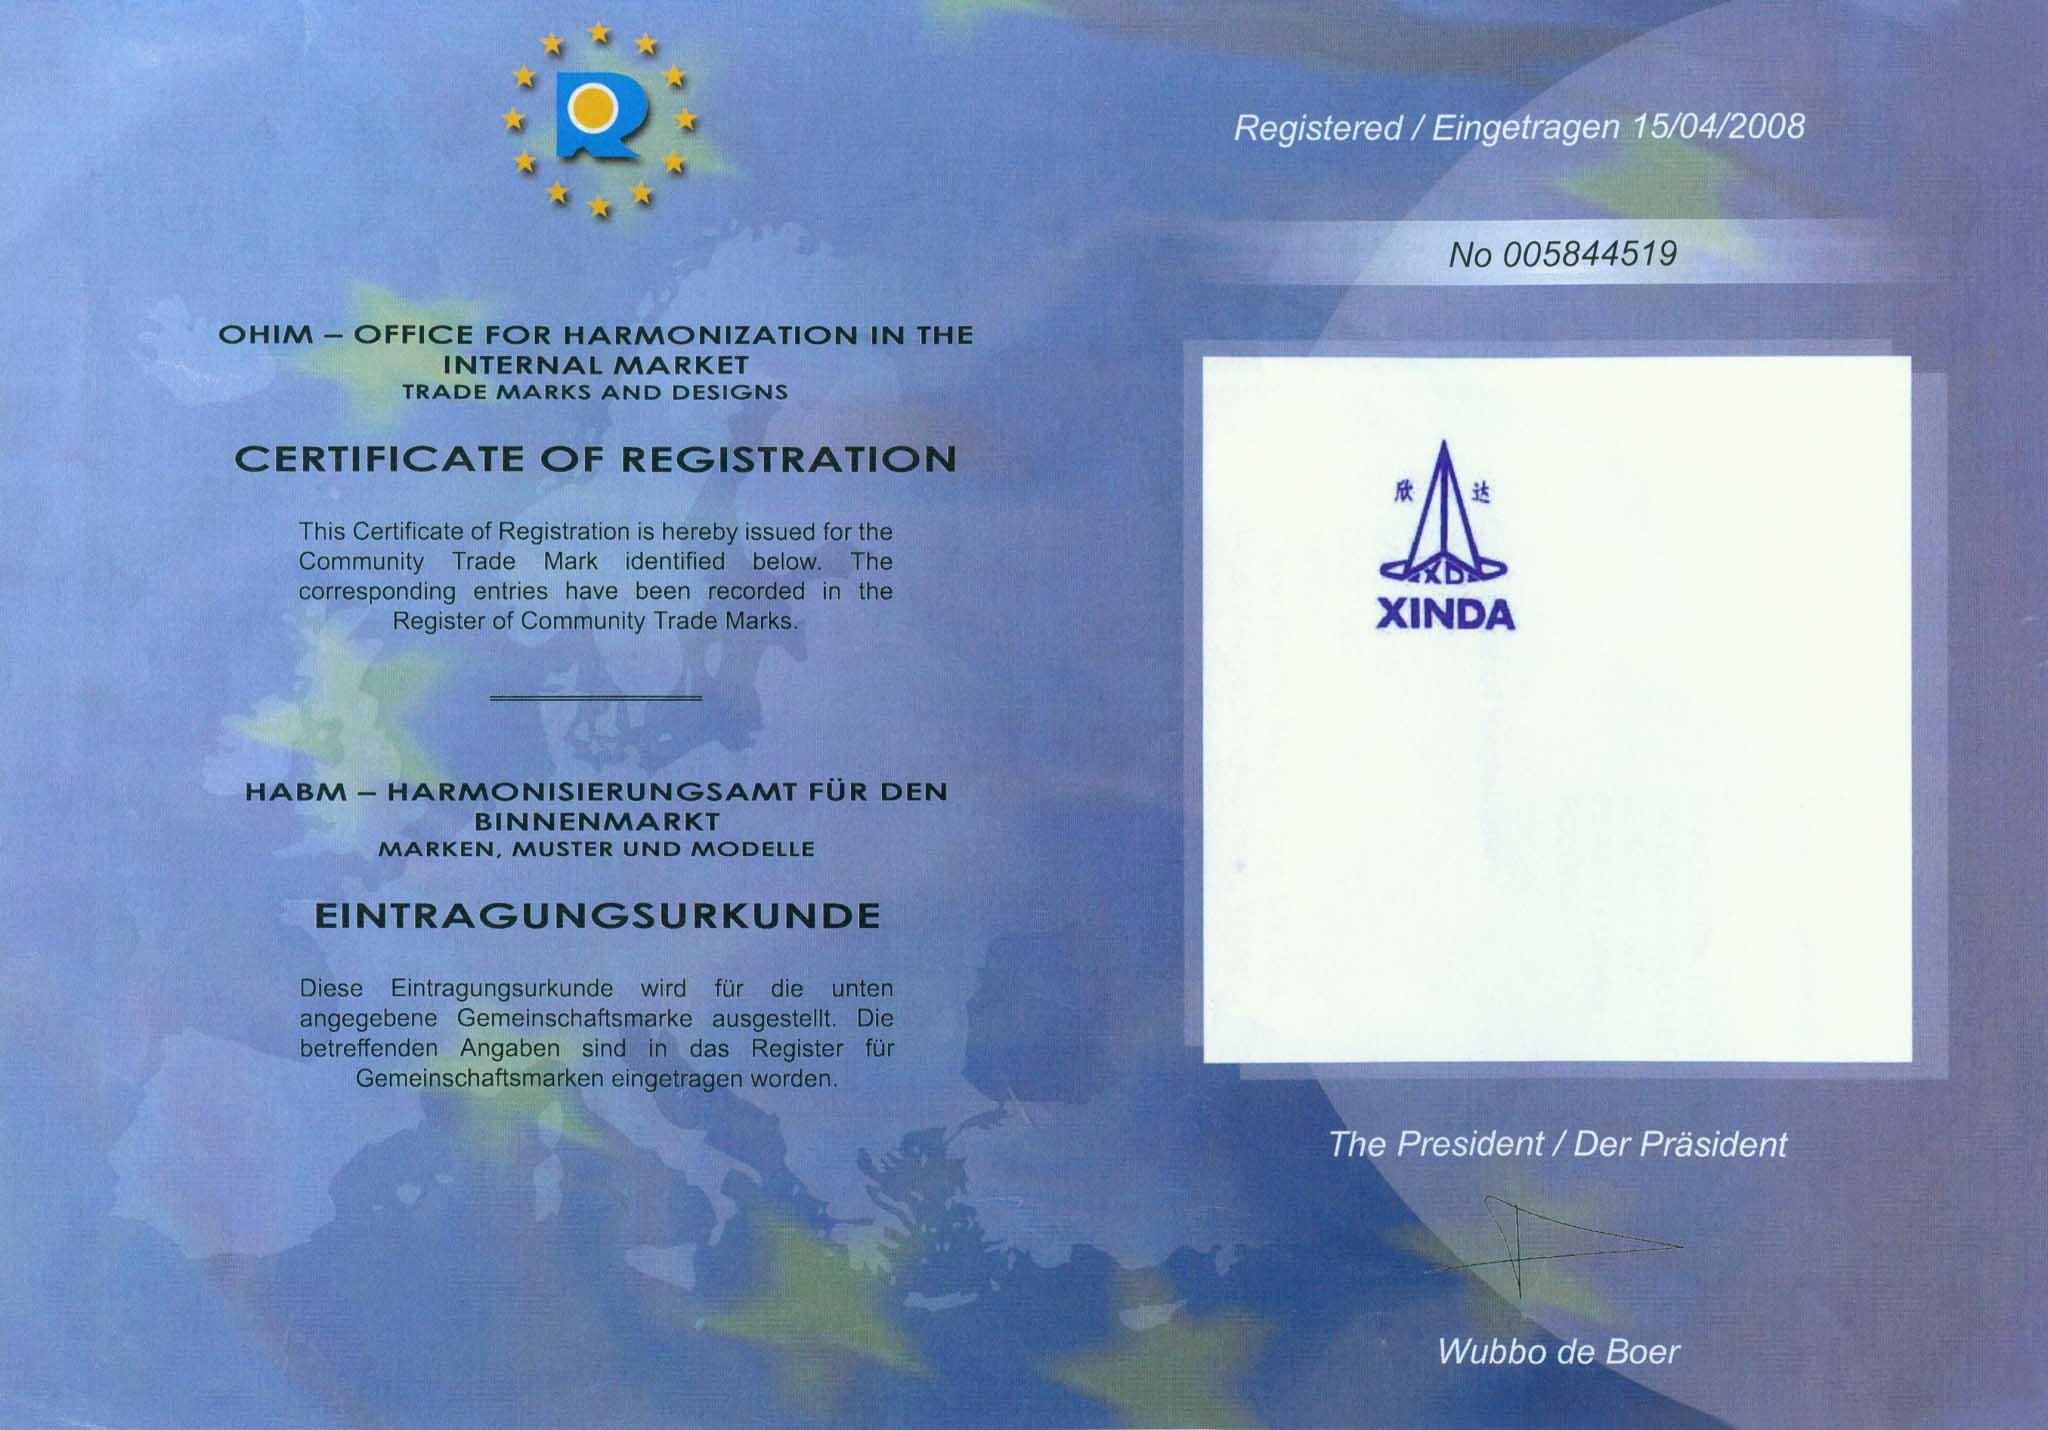 Xinda EU certified trademark